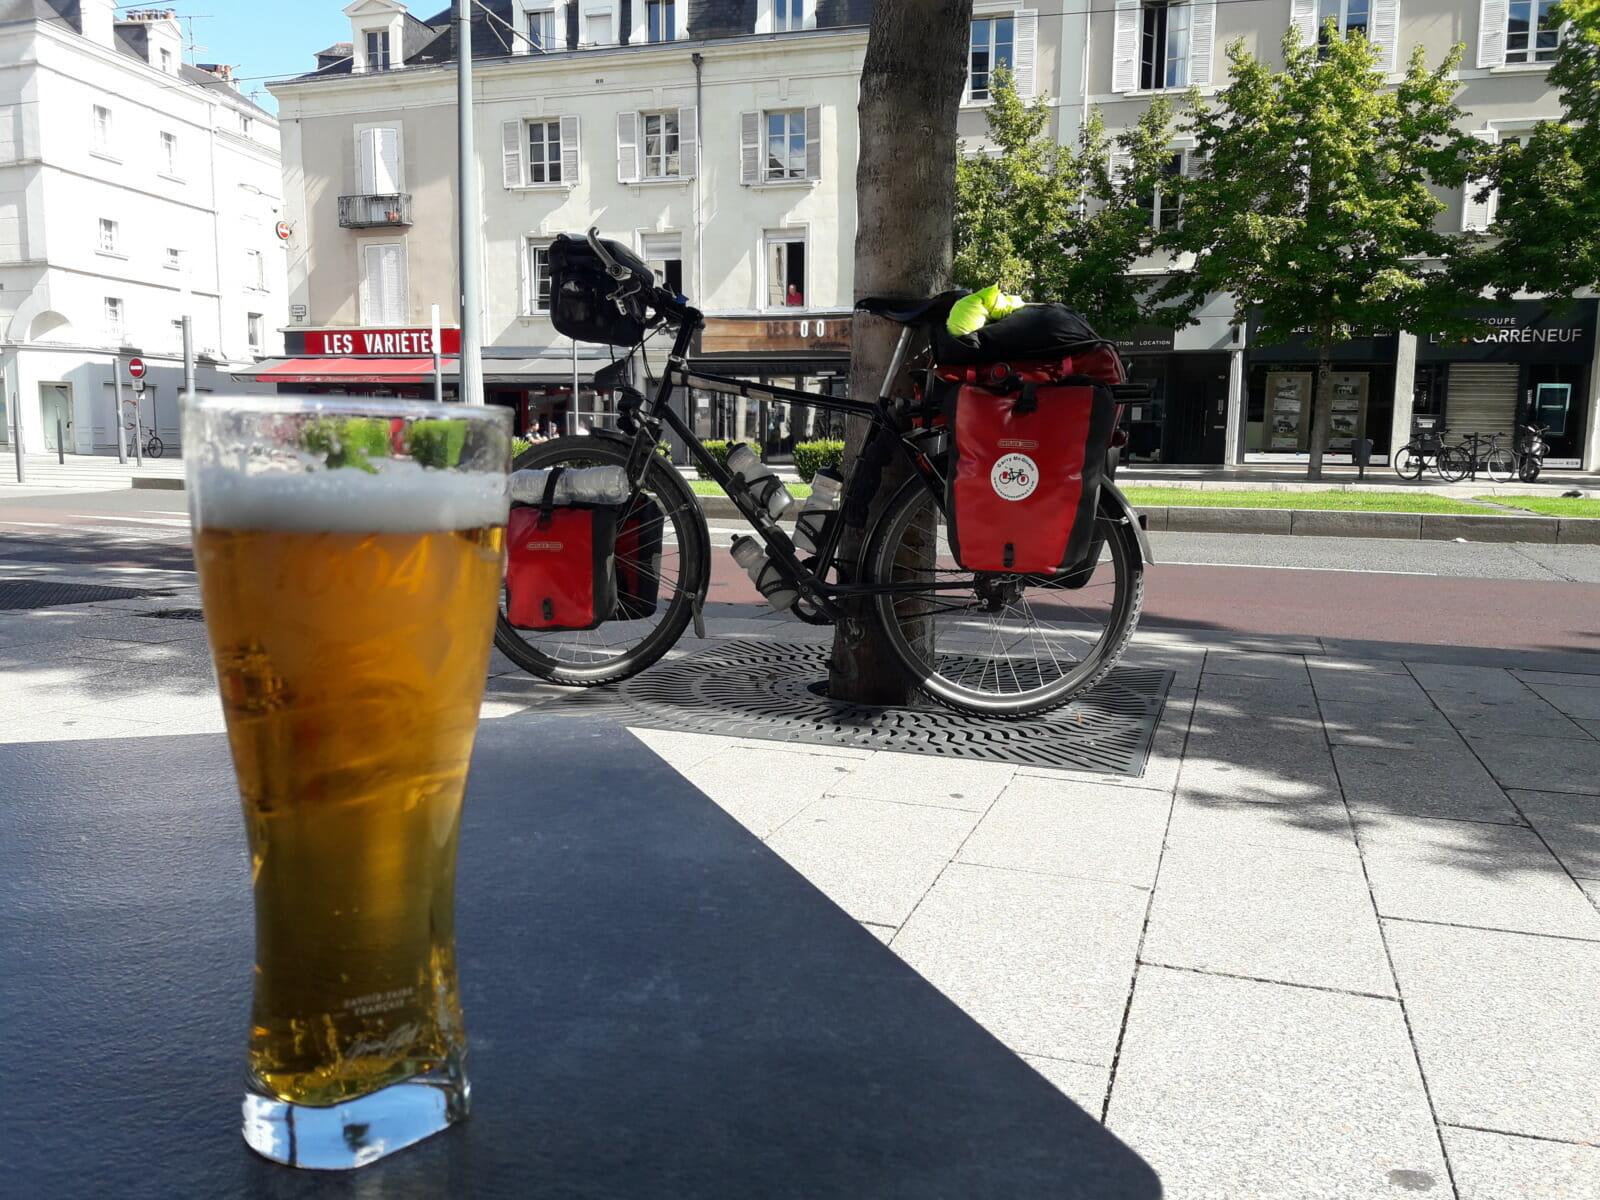 Pint of beer, bike